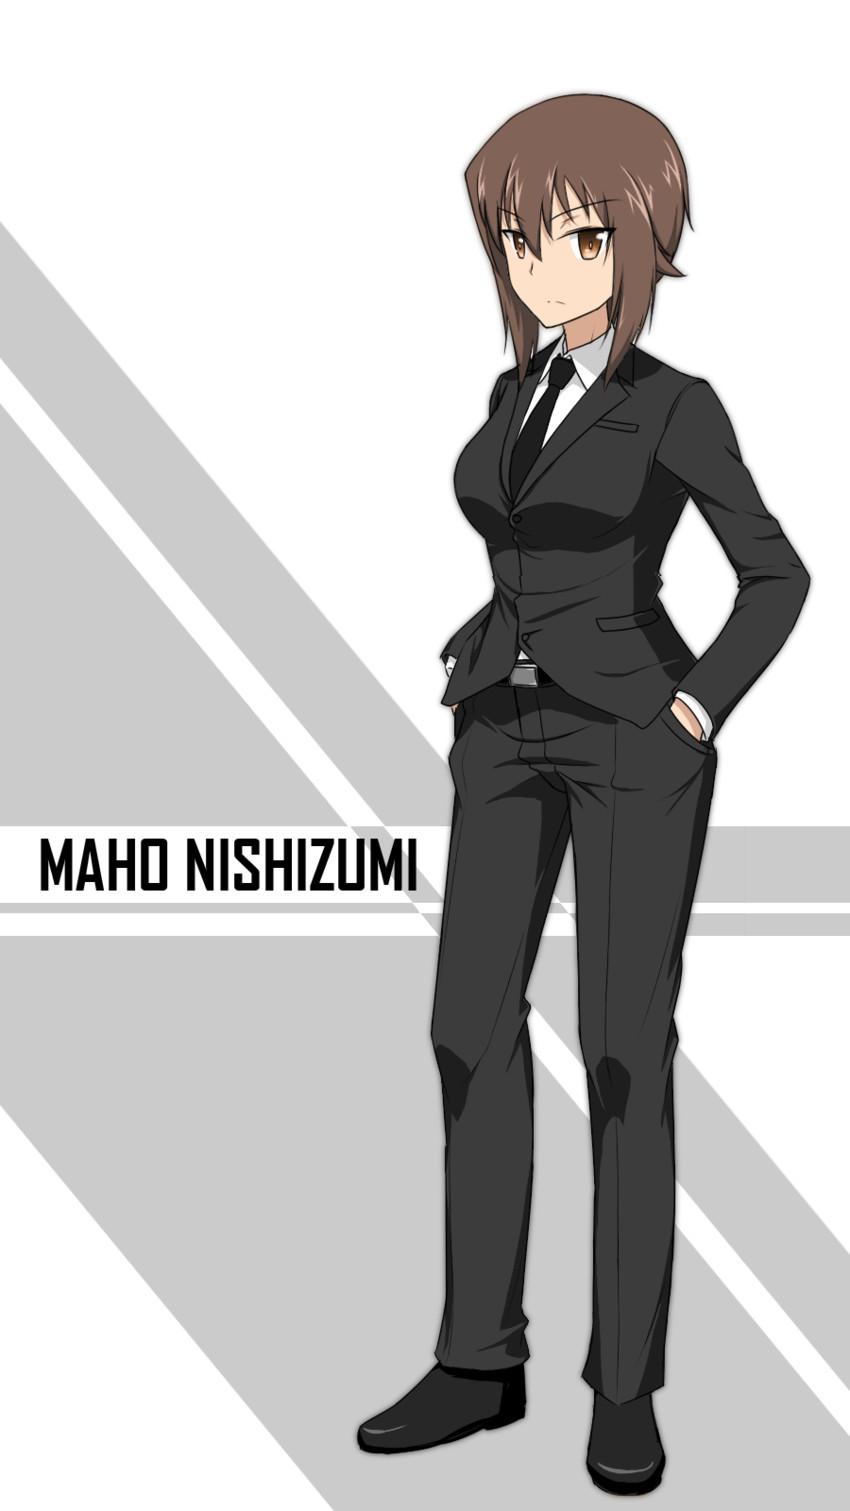 nishizumi maho (girls und panzer) drawn by dconan owo